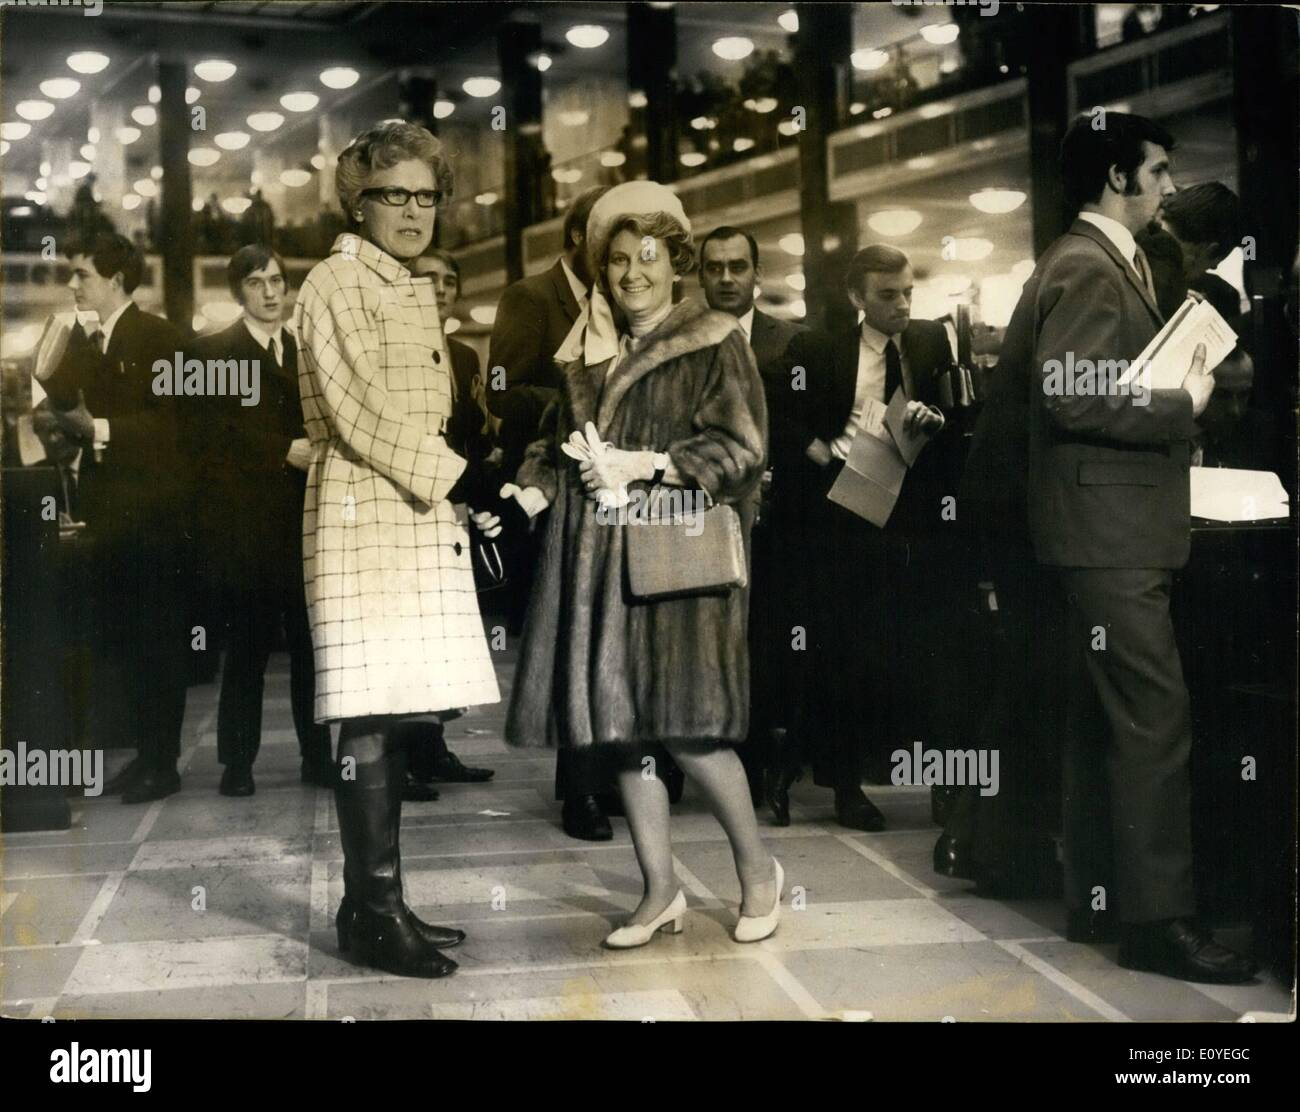 01 janvier 1970 - Femmes devient membres de LLyods: l'histoire a été faite aujourd'hui - Jour de l'An lorsque les Banque D'Images